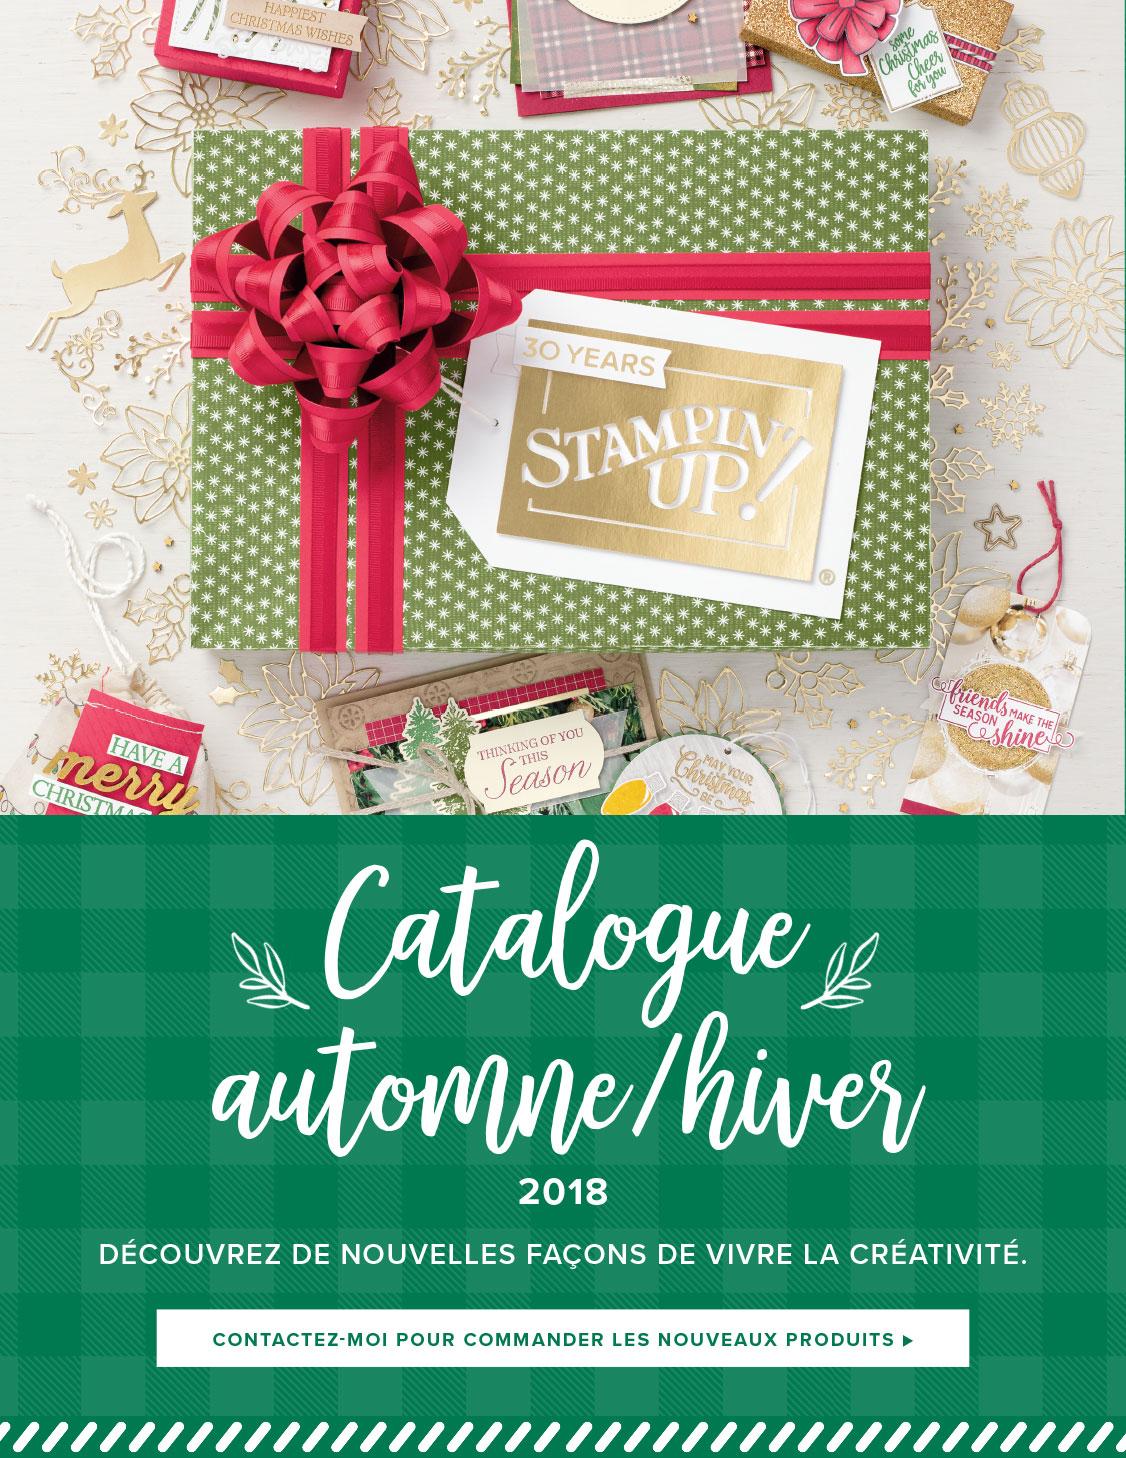 catalogue Automne / hiver